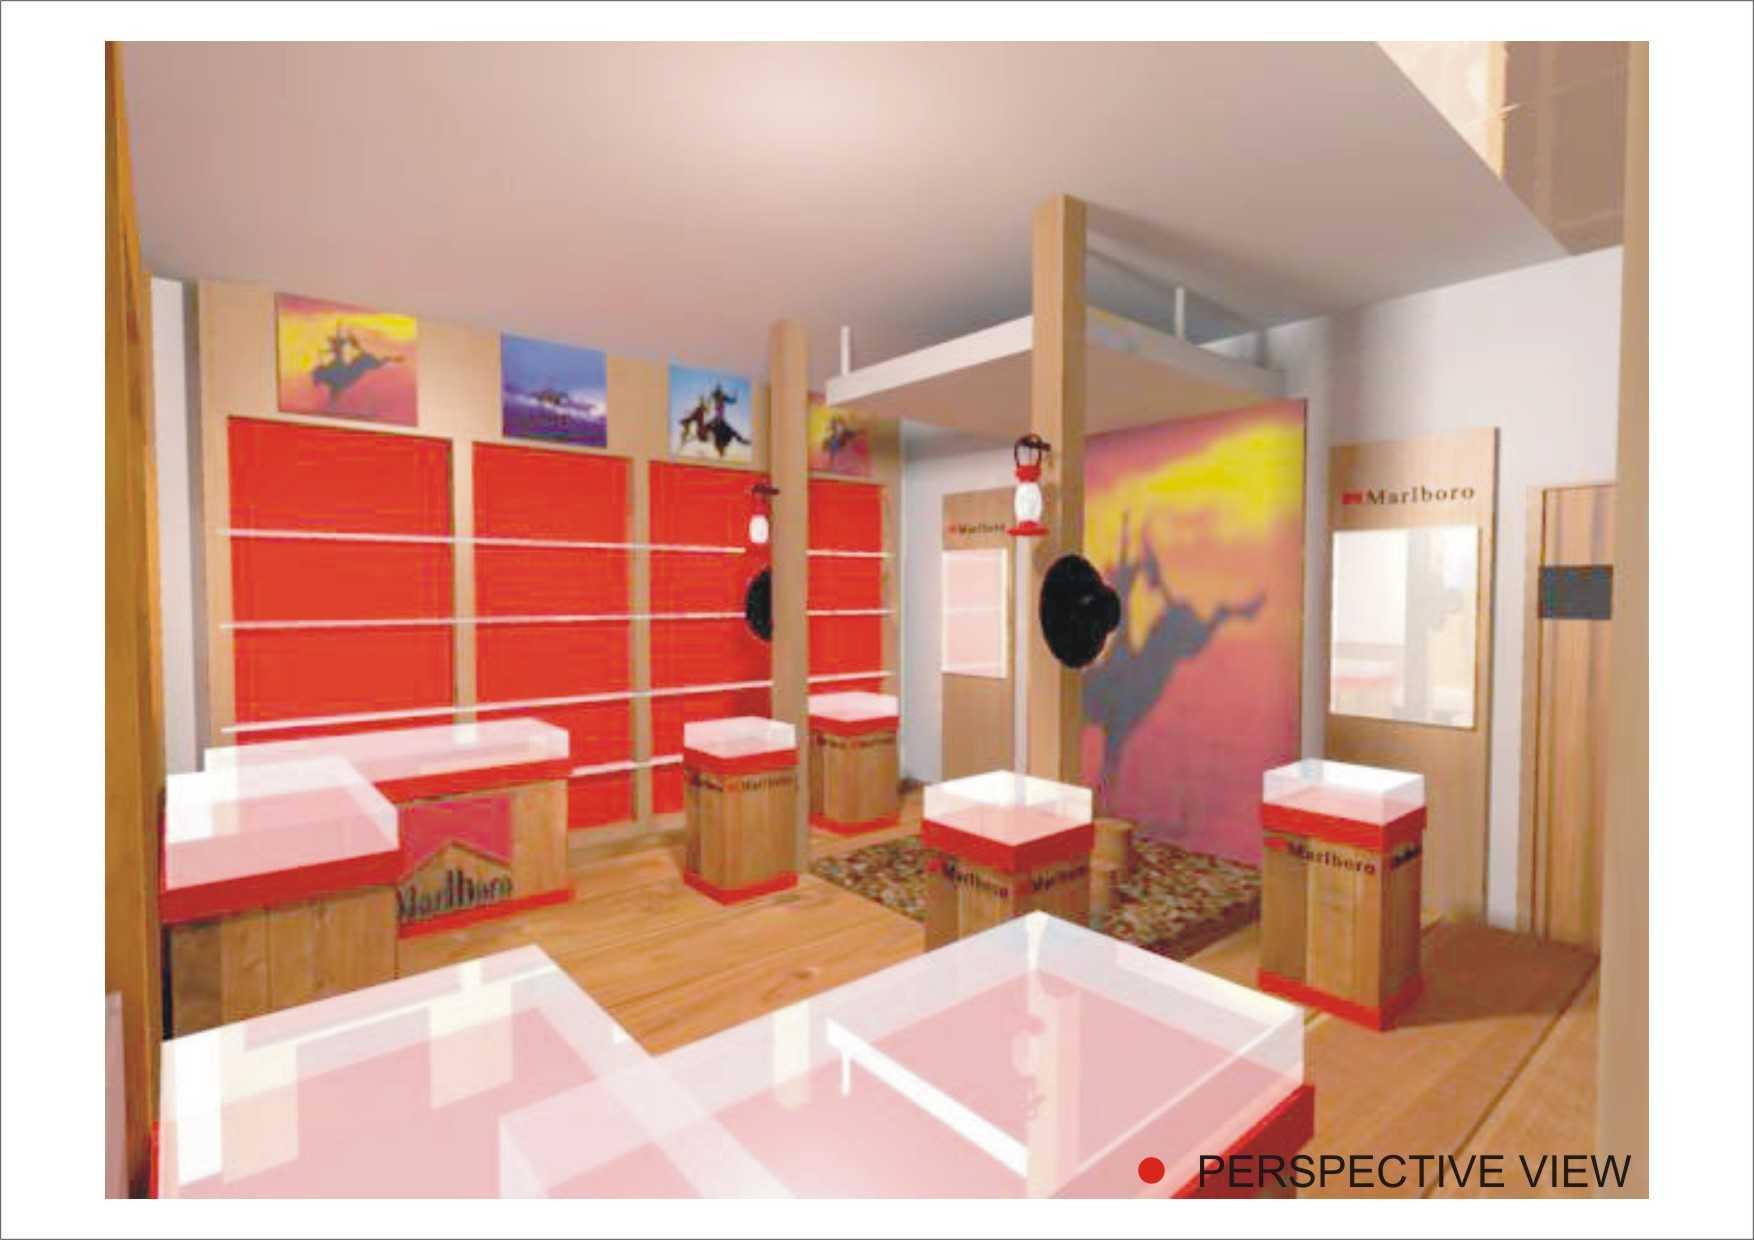 Canvas Mkc Marlboro Outlet-Subang Subang - Jawa Barat Subang - Jawa Barat Products Display Industrial  21134